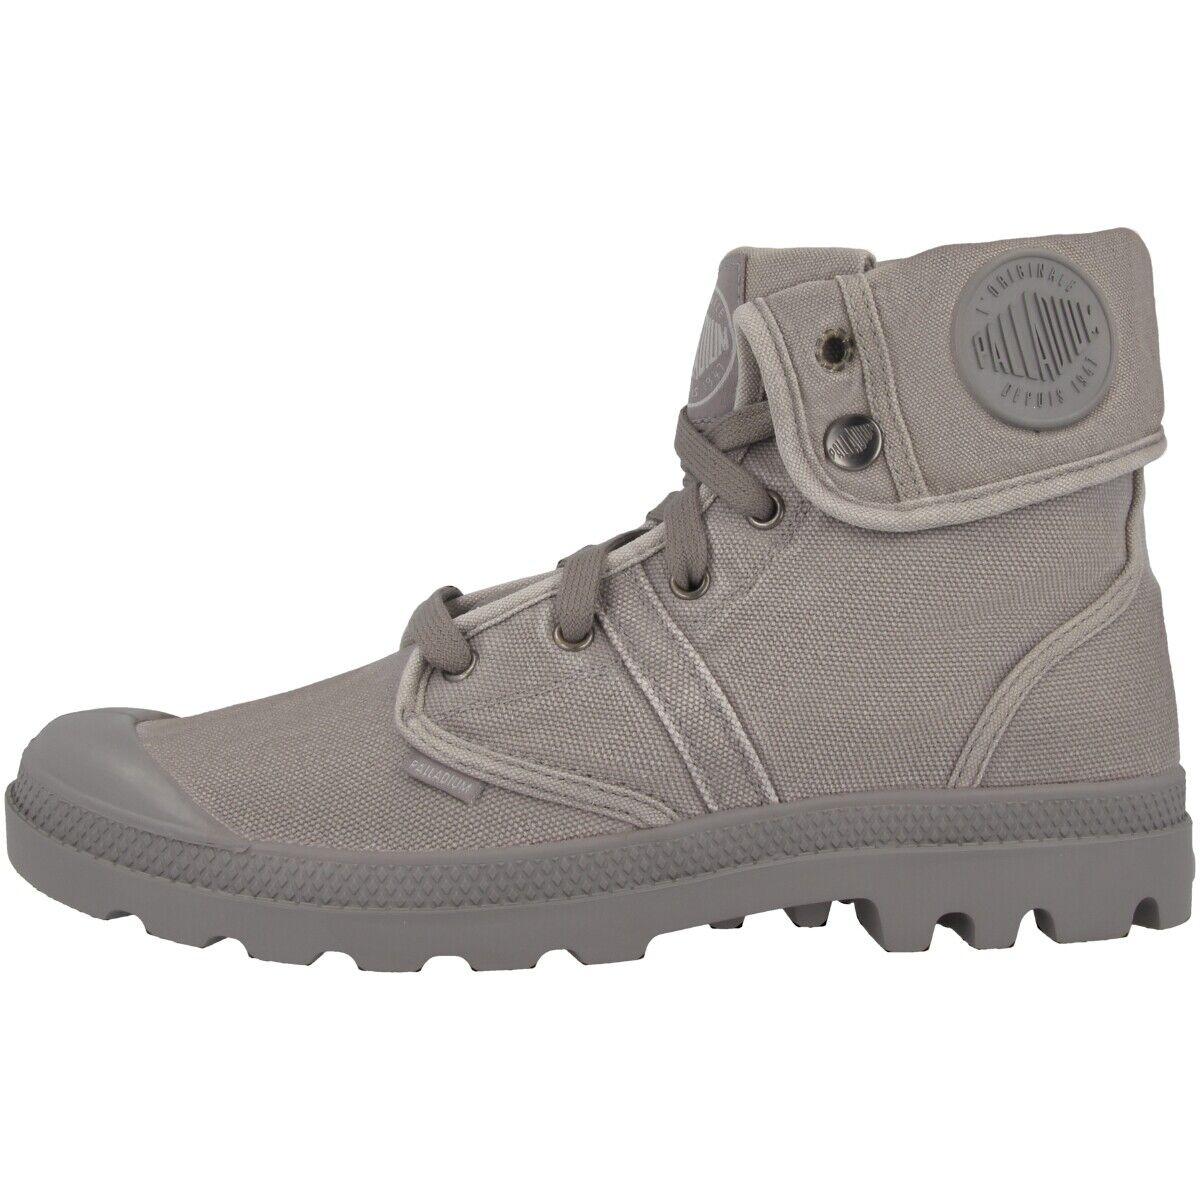 Details zu ADIDAS NEO HOOPS LX MID Sneaker Hihg Top Schuhe Turnschuhe 41 42 43 44 45 NEU